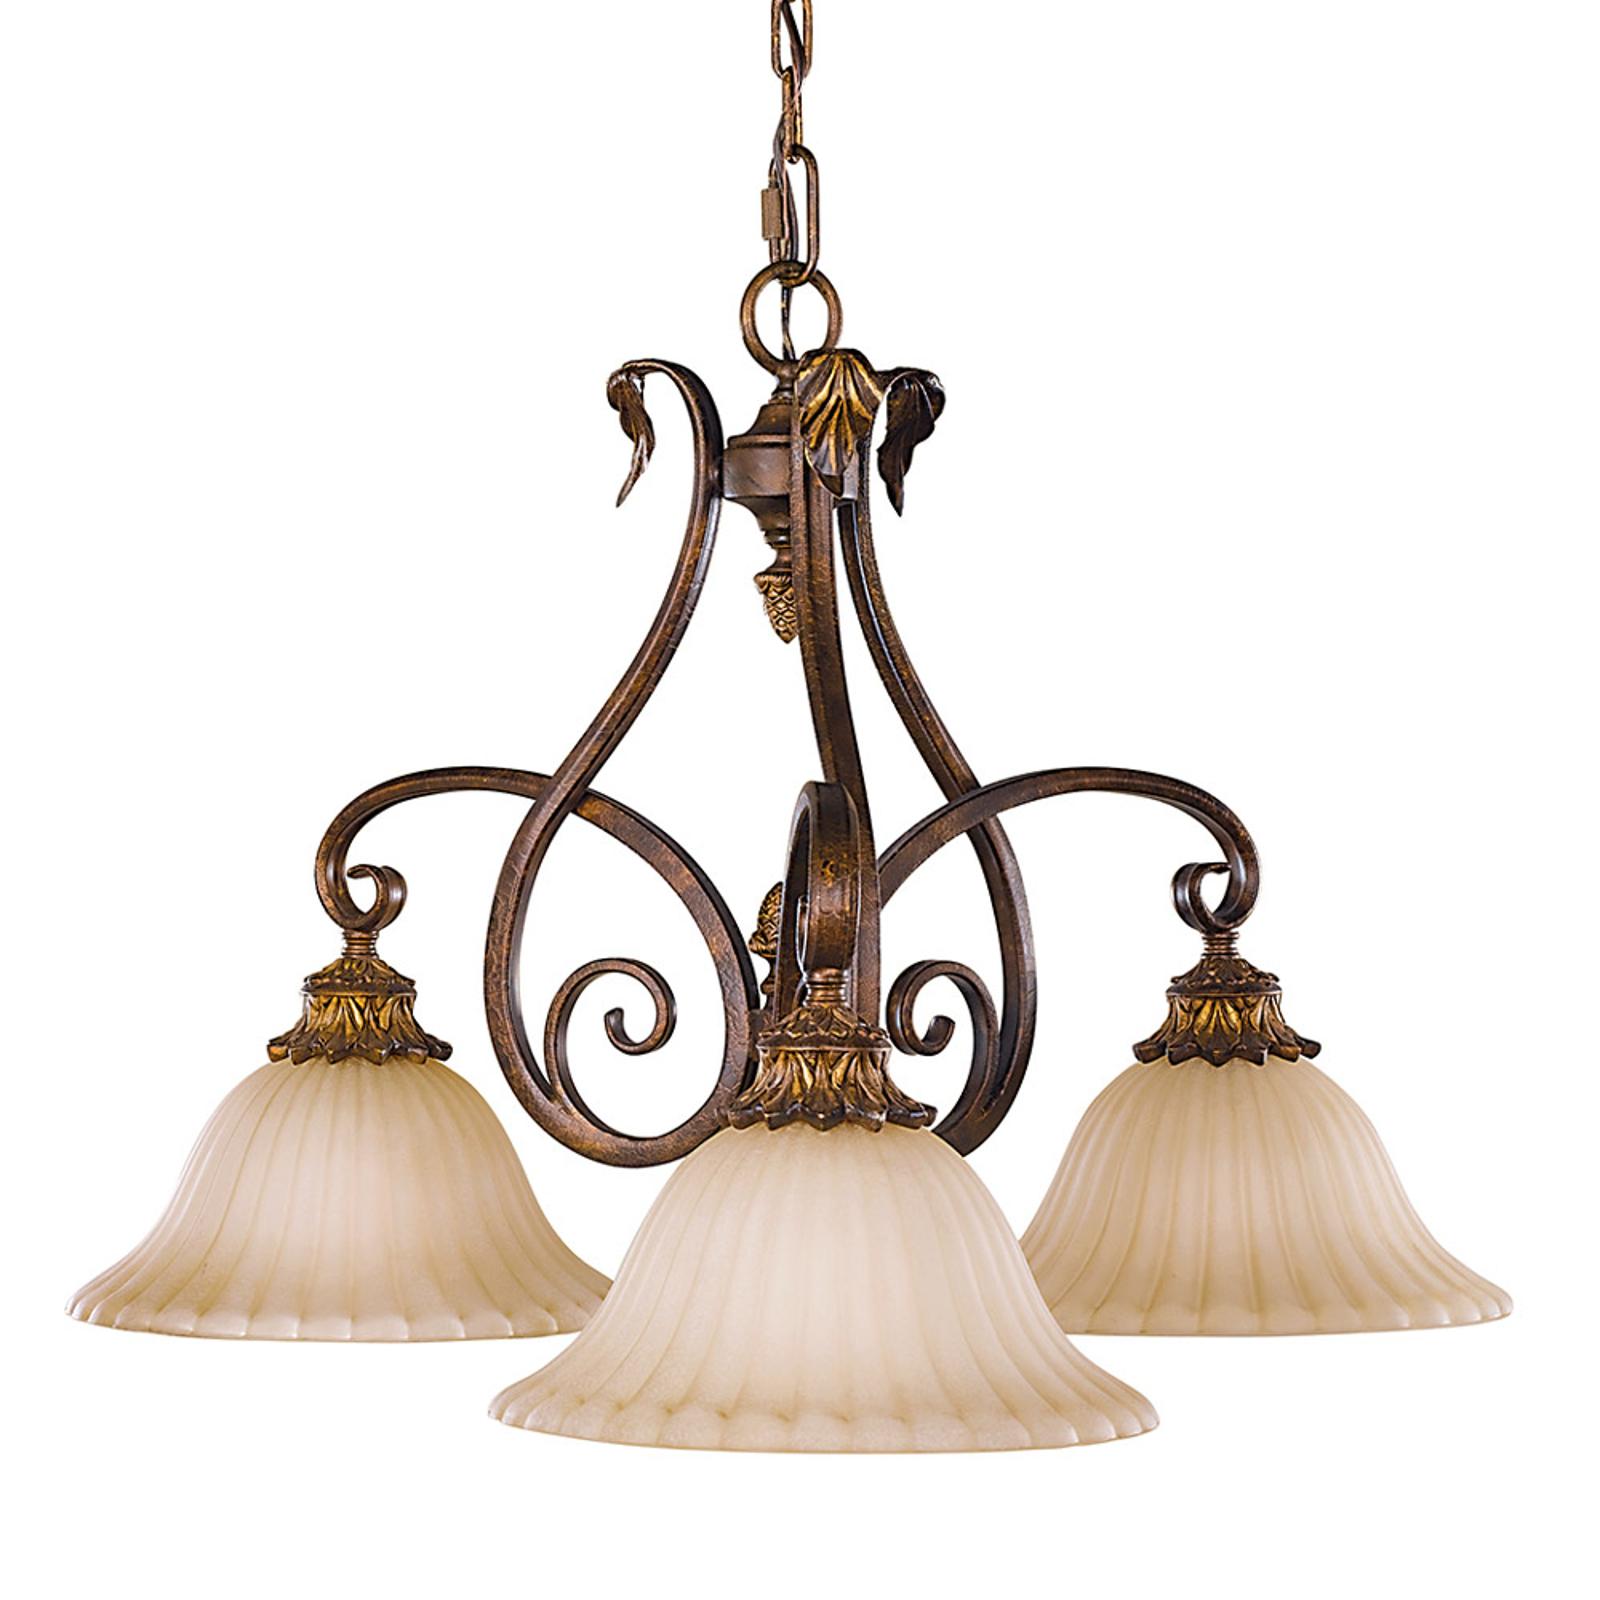 Závesná lampa Sonoma Valley 3-plameňová_3048303_1